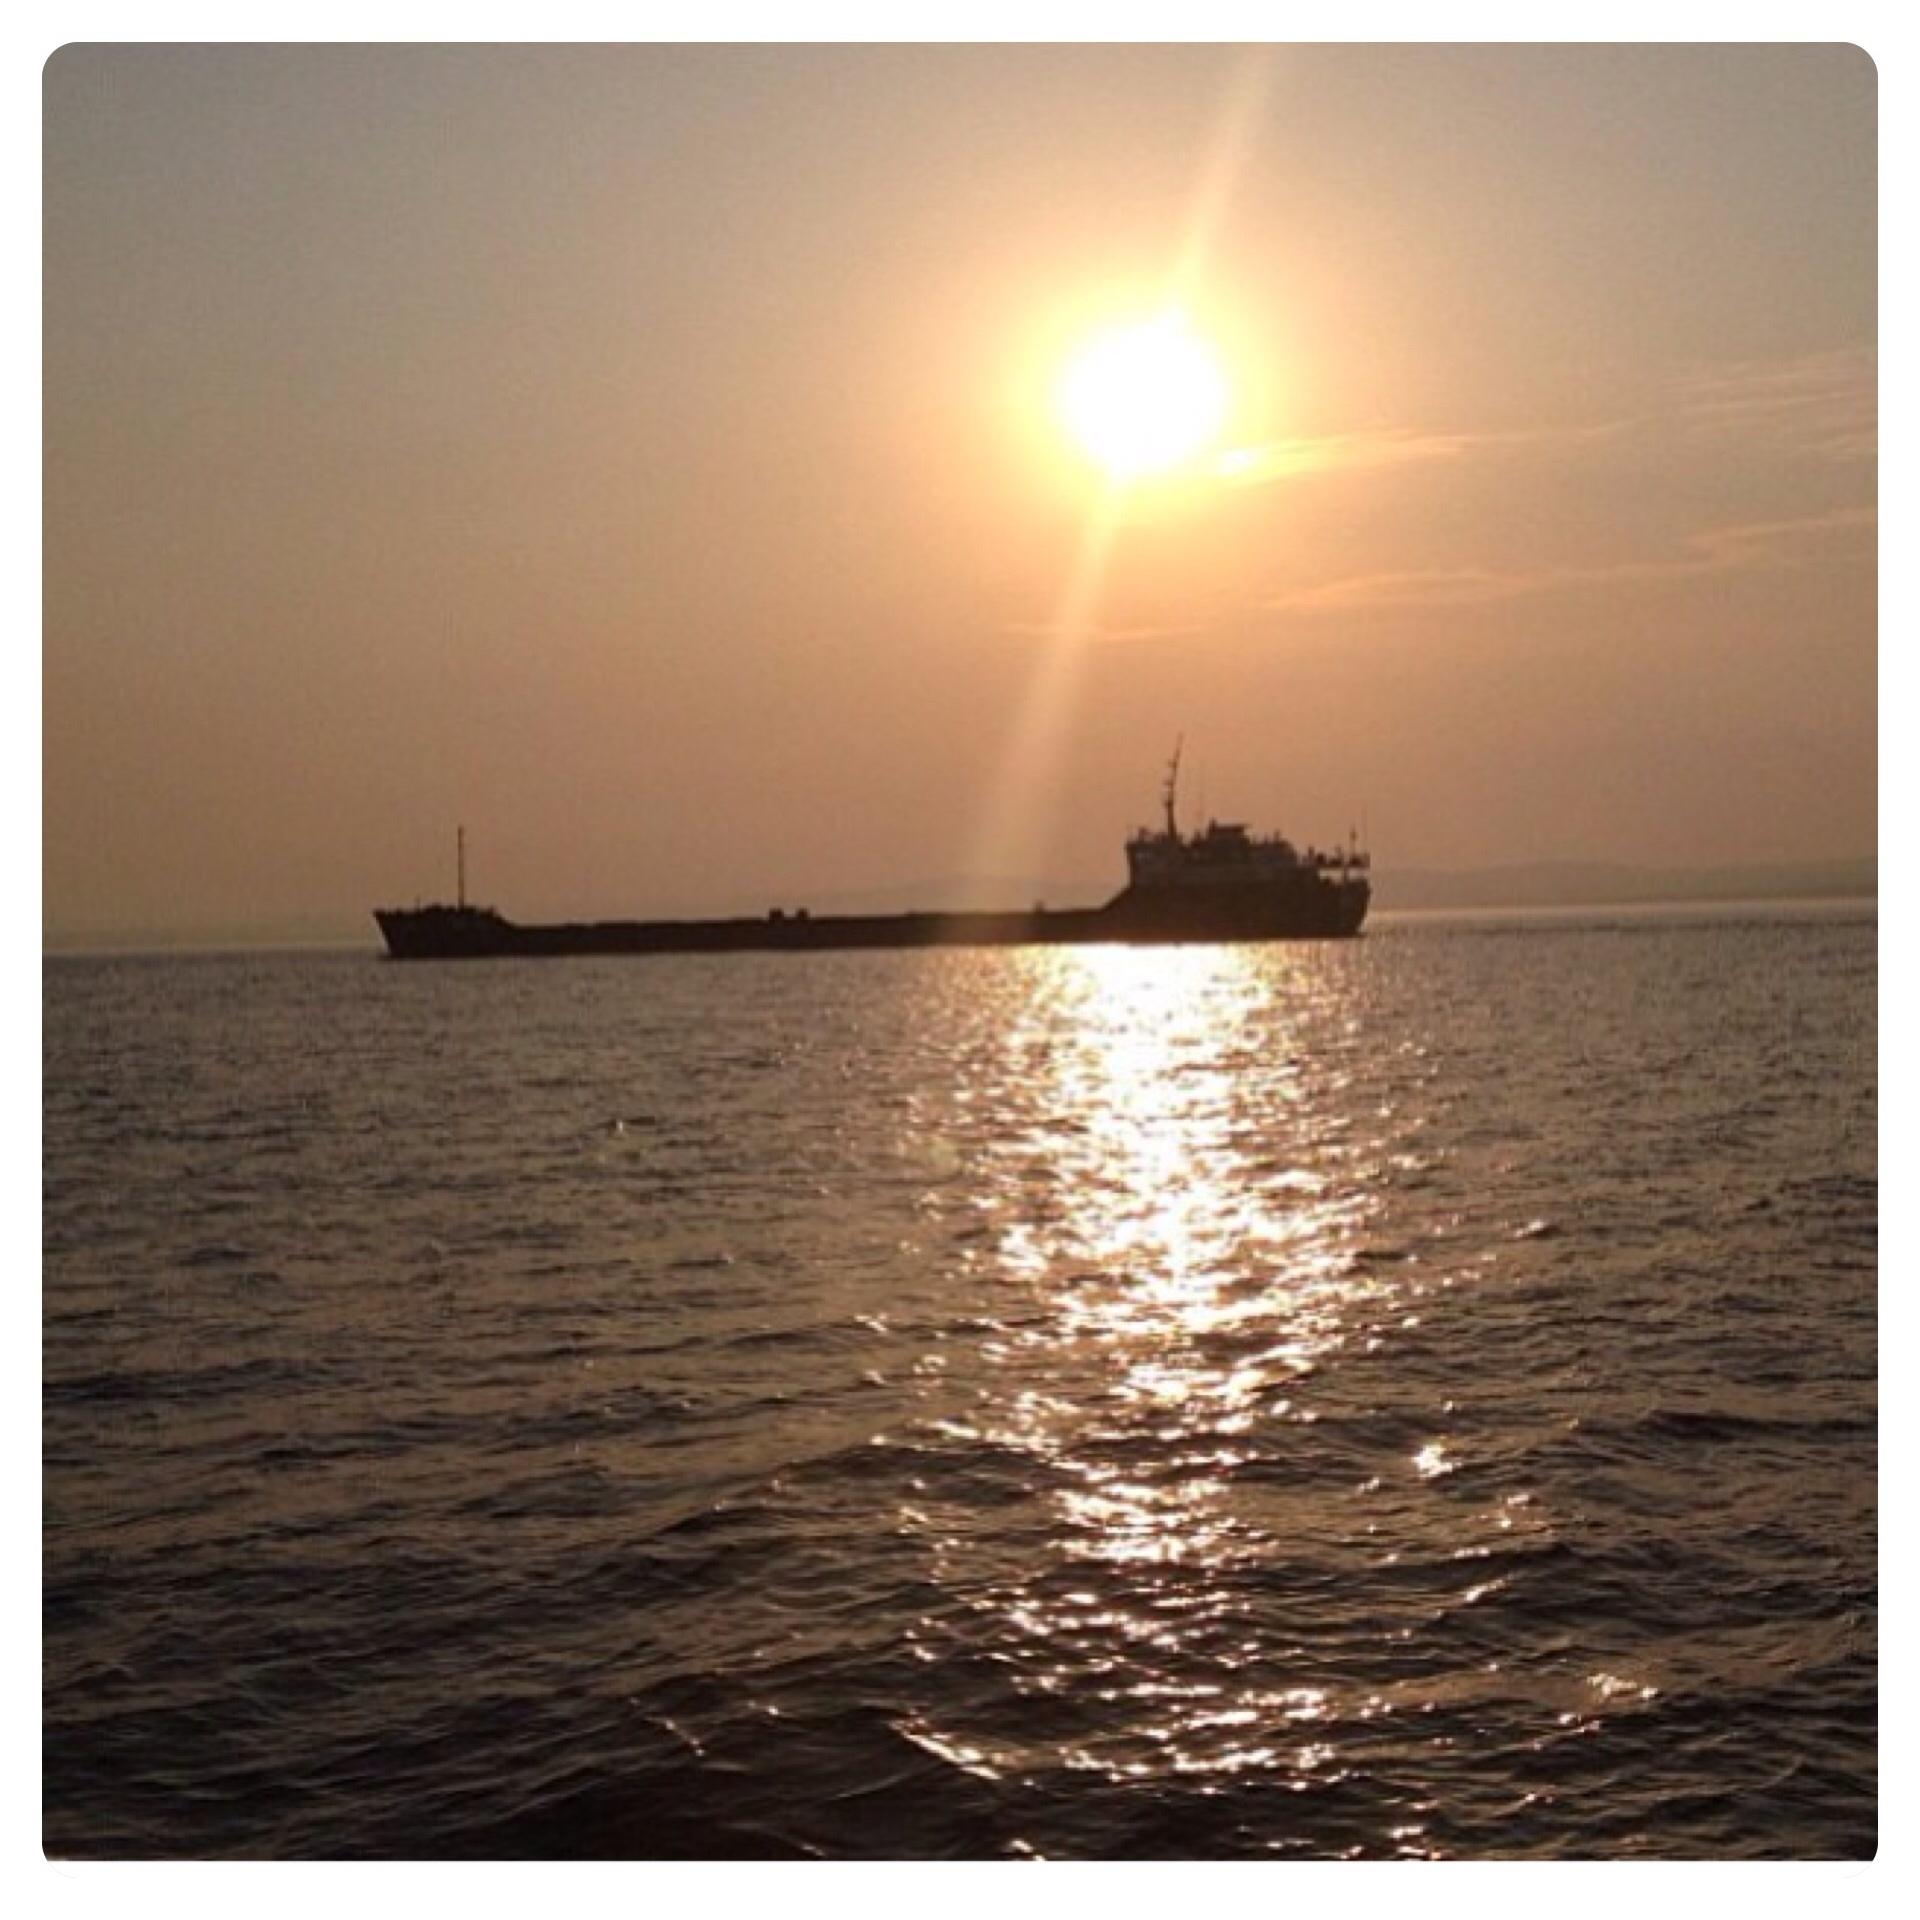 تصويري للبحر